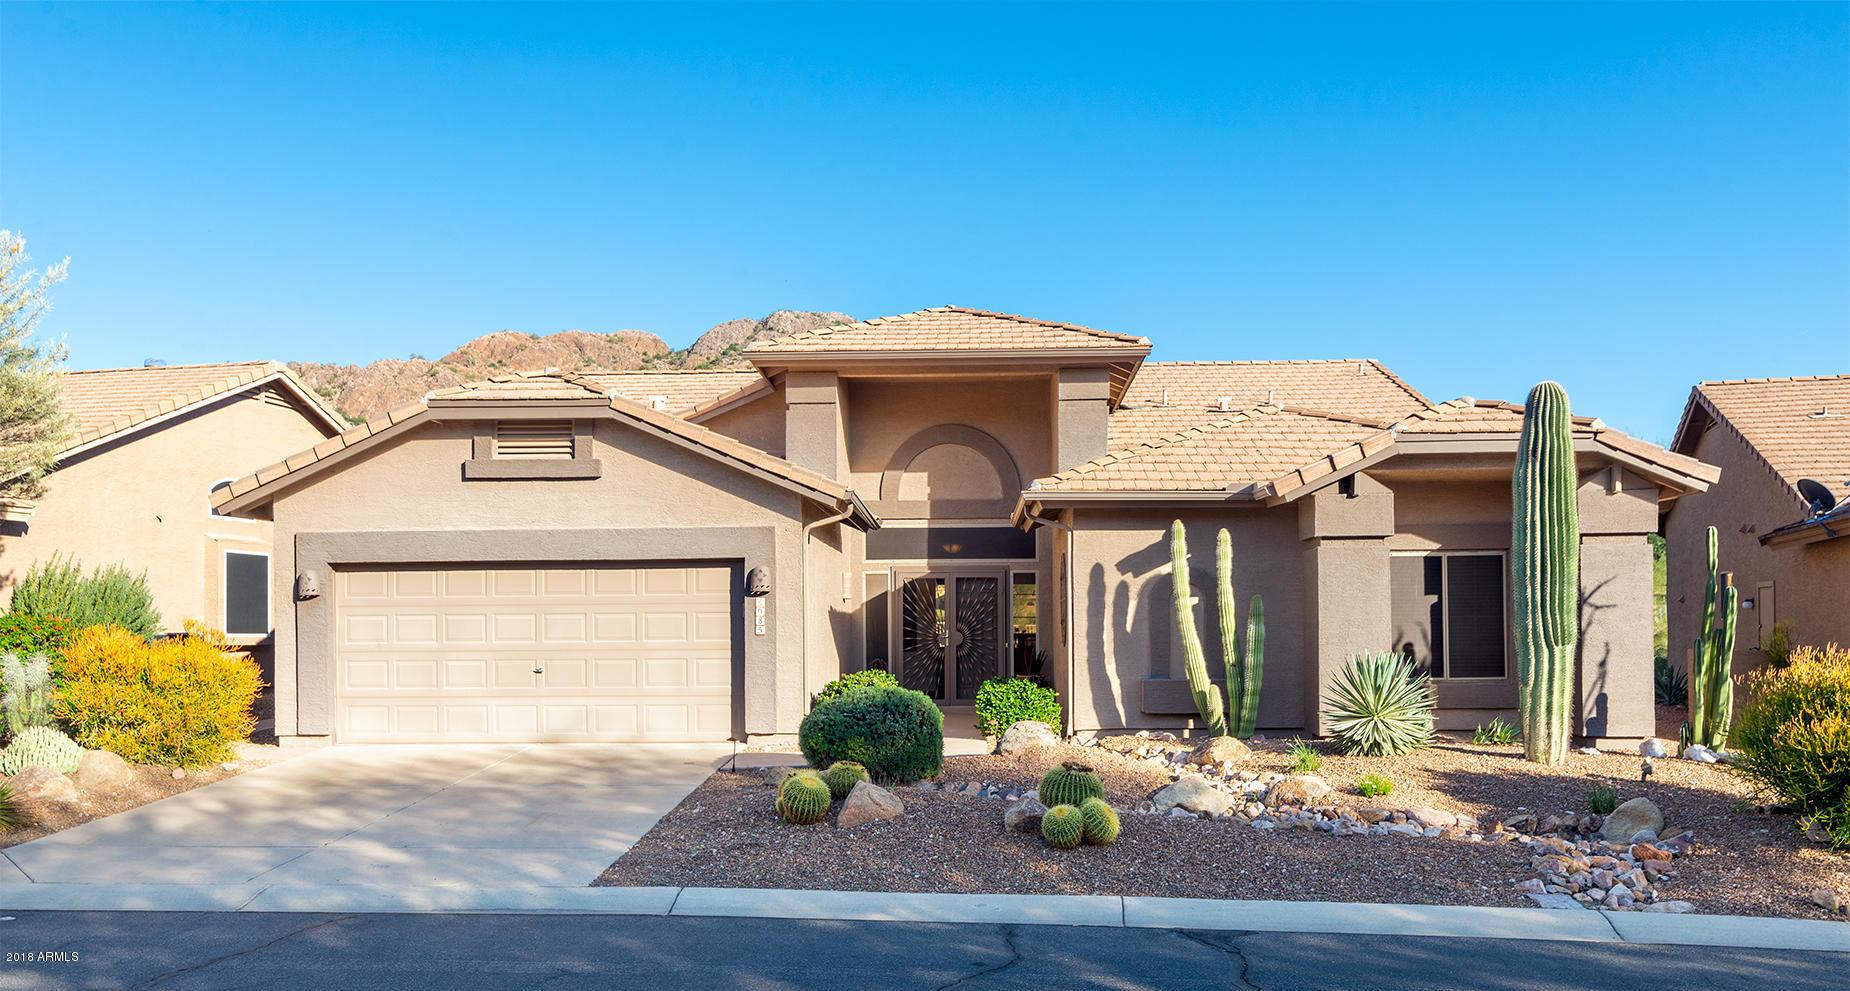 Photo of 4985 S NIGHTHAWK Drive, Gold Canyon, AZ 85118